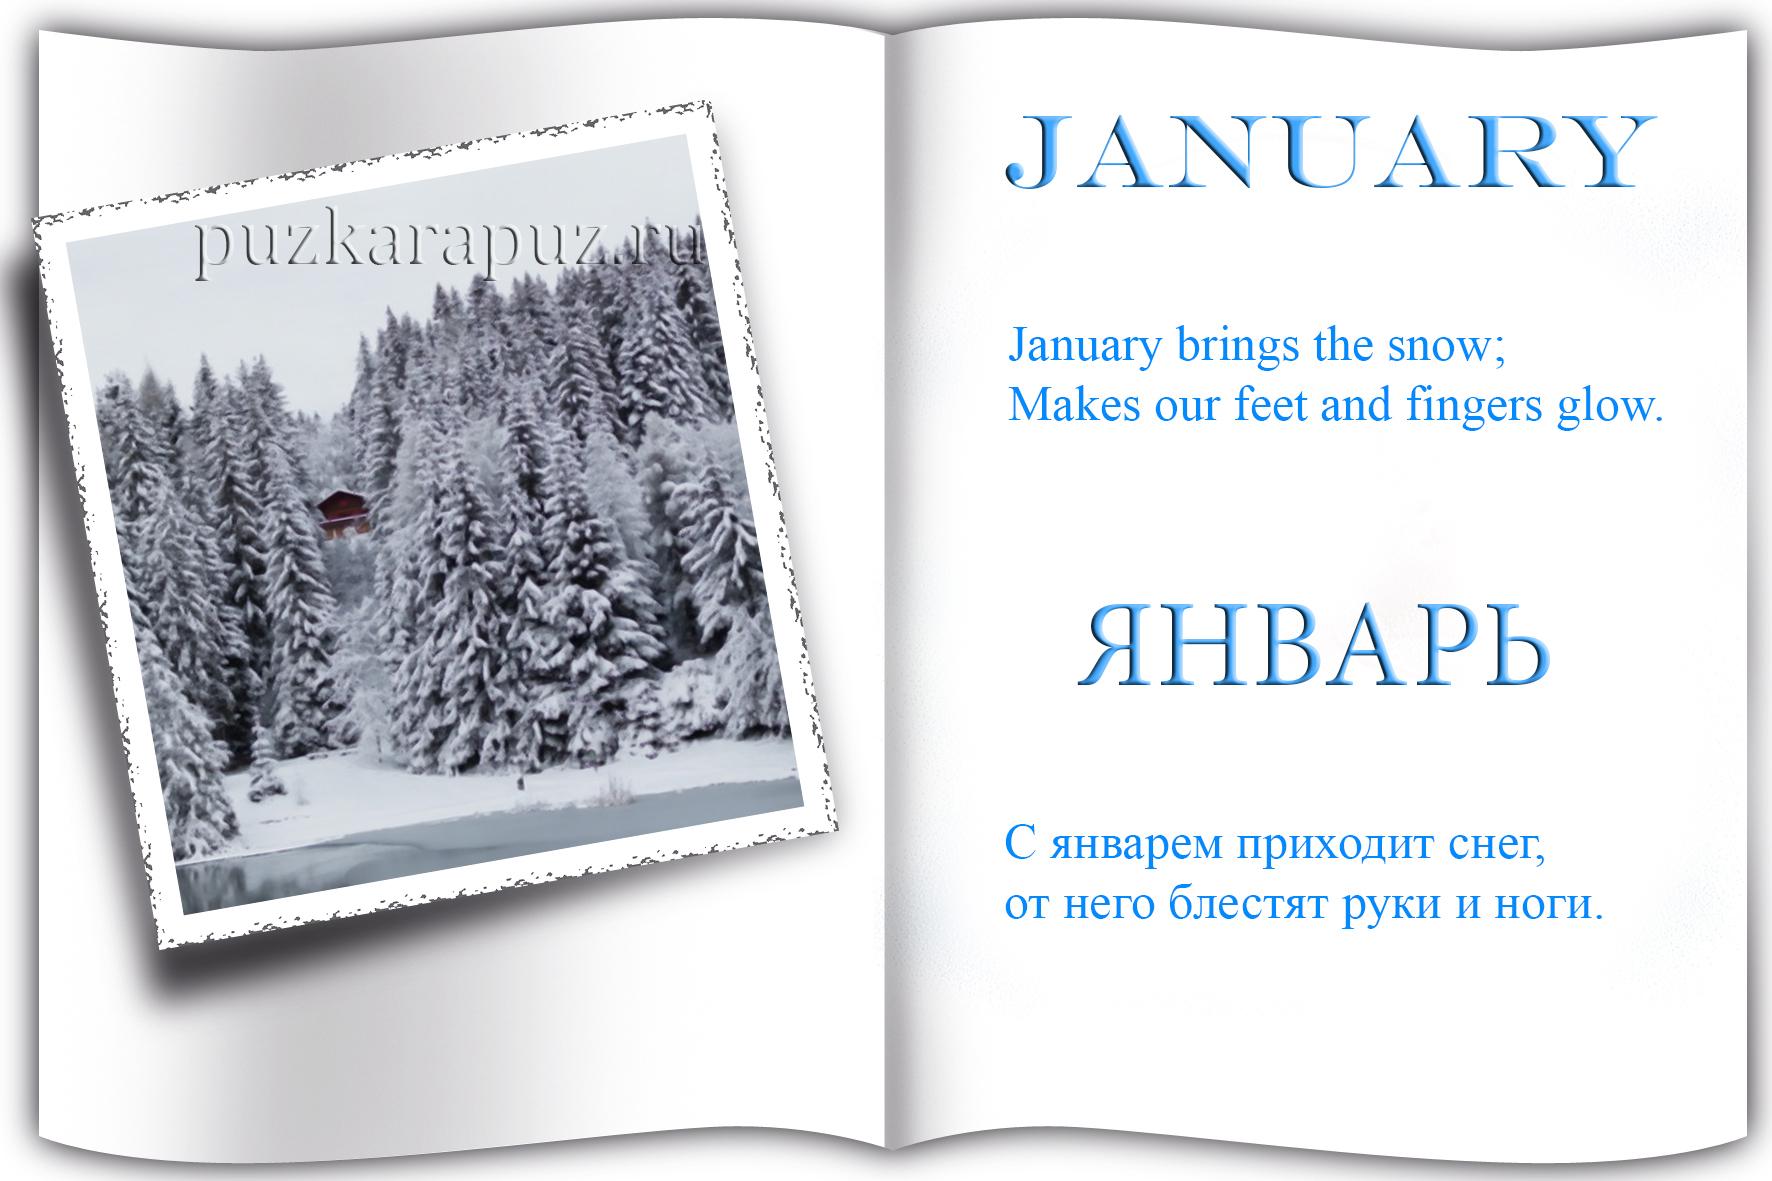 Цитаты на английском про зиму с переводом 59